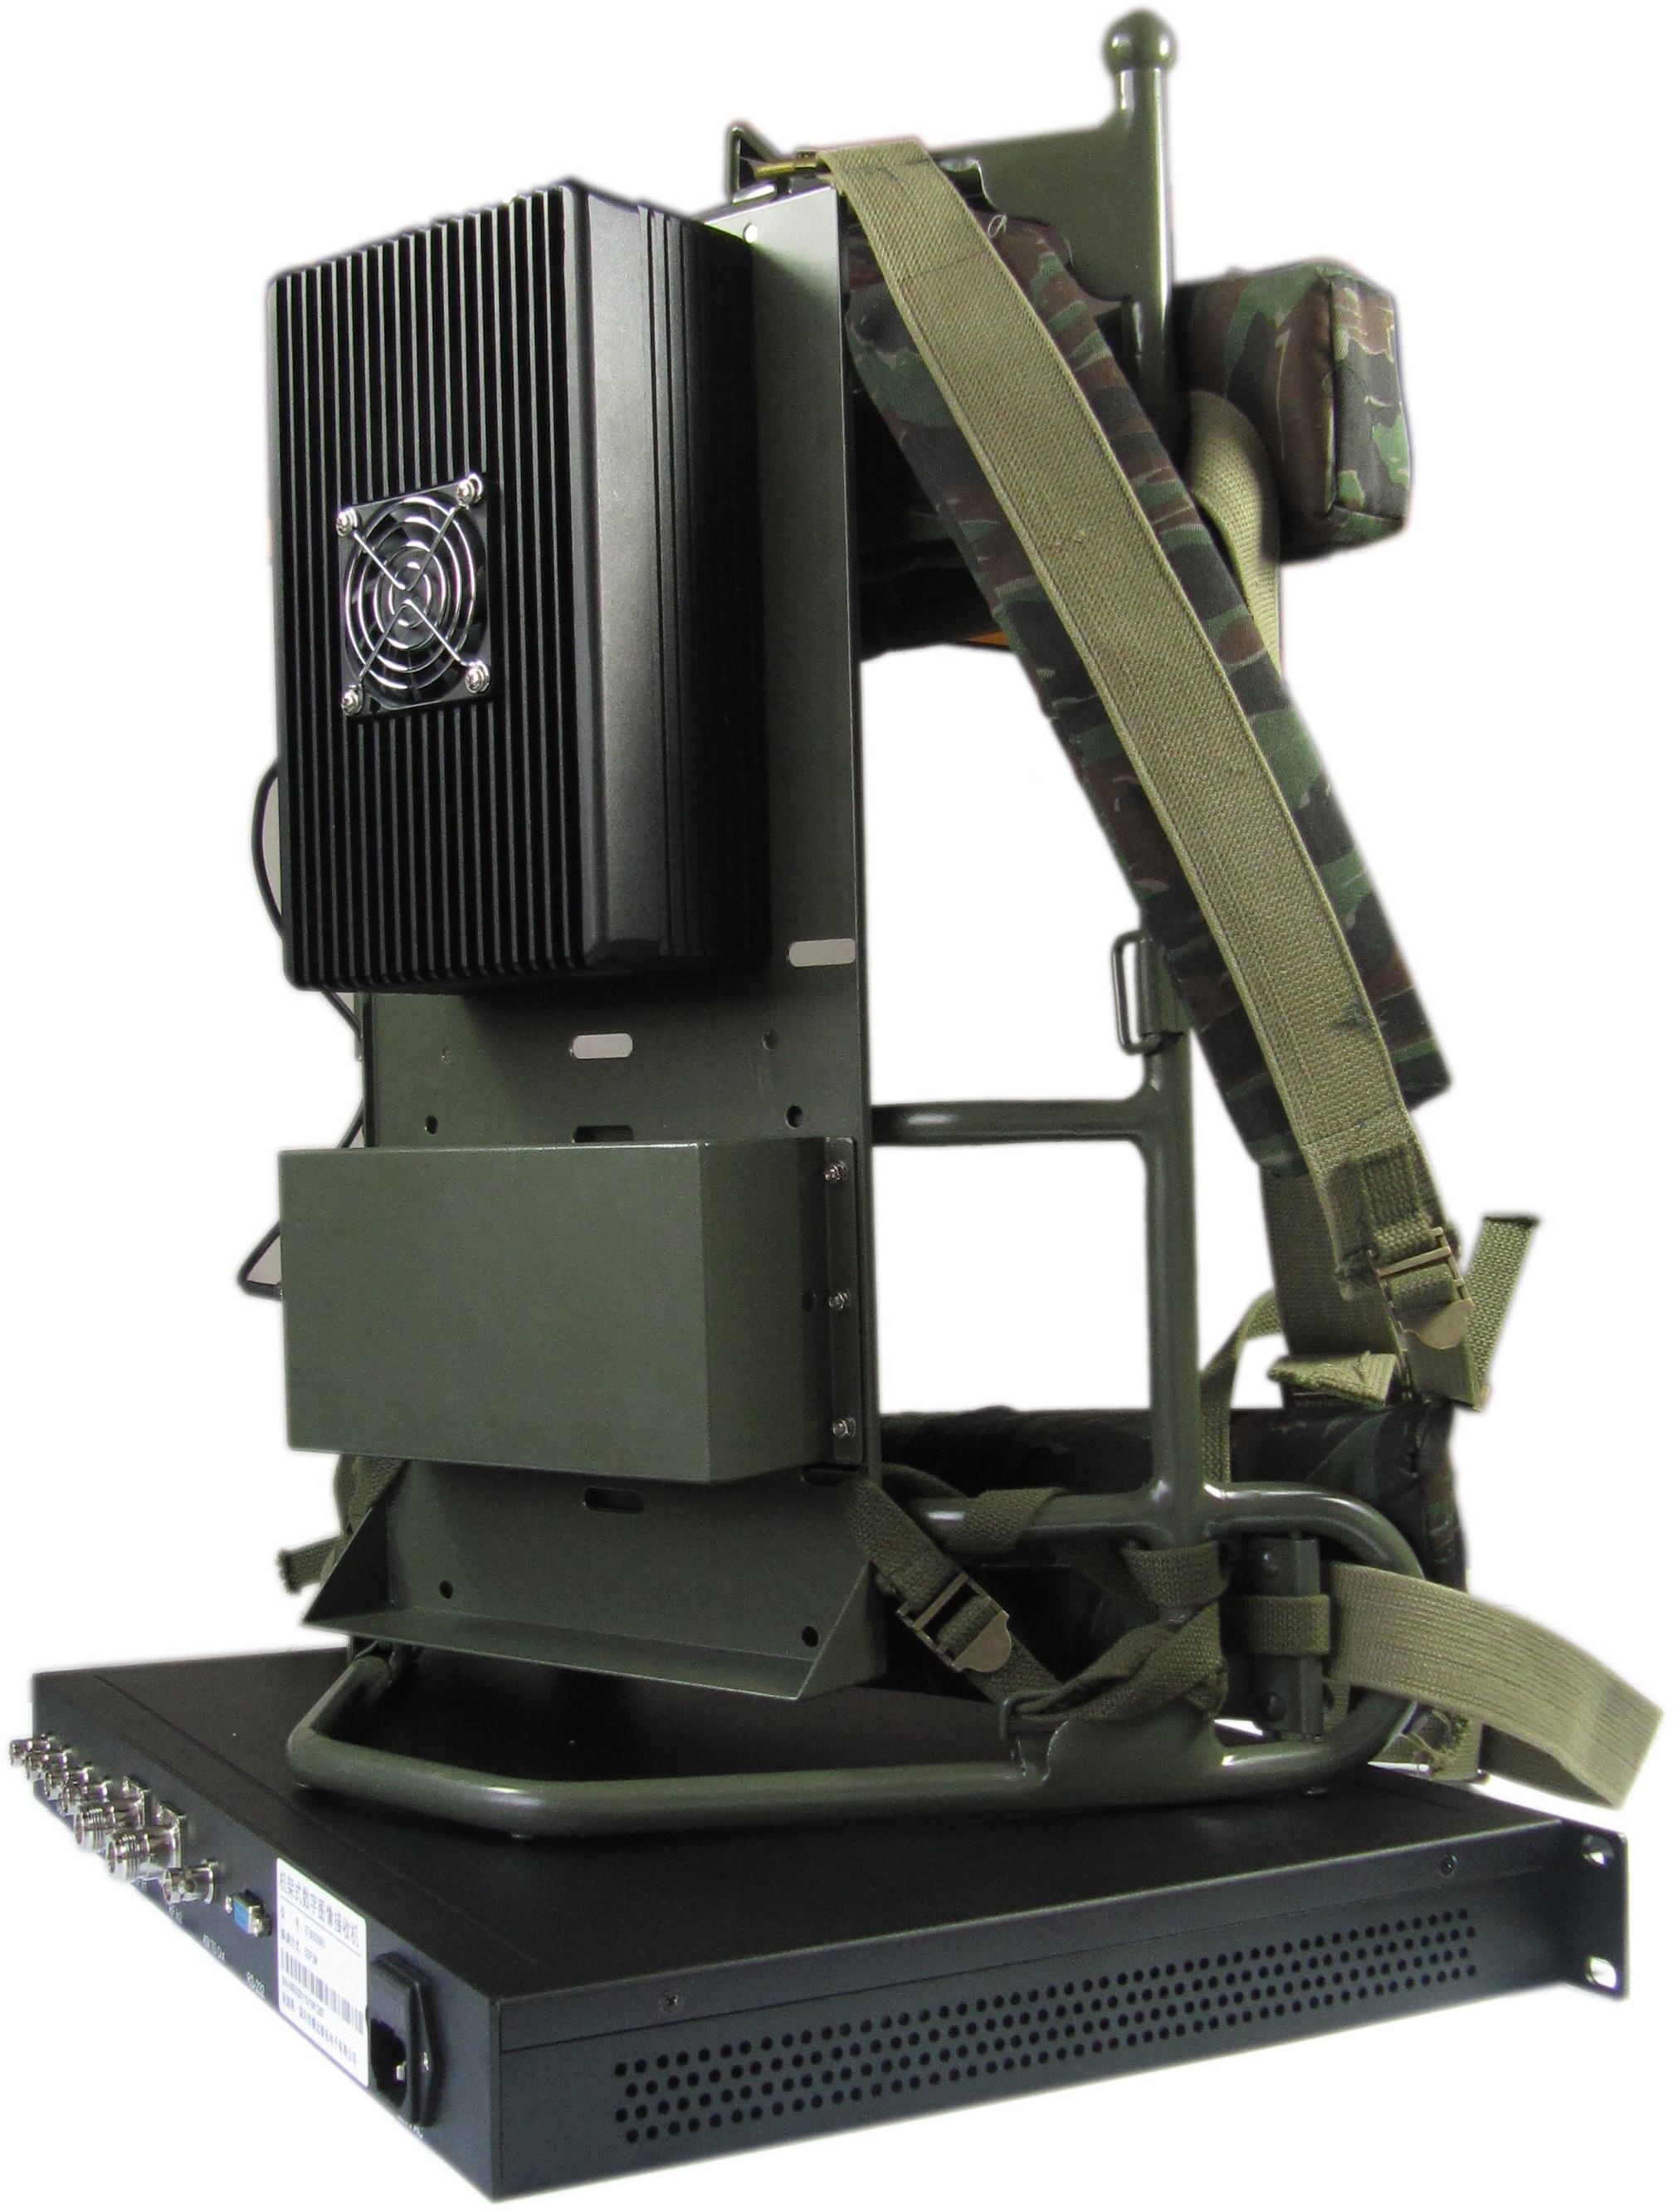 单兵无线图传设备的接收和发射端